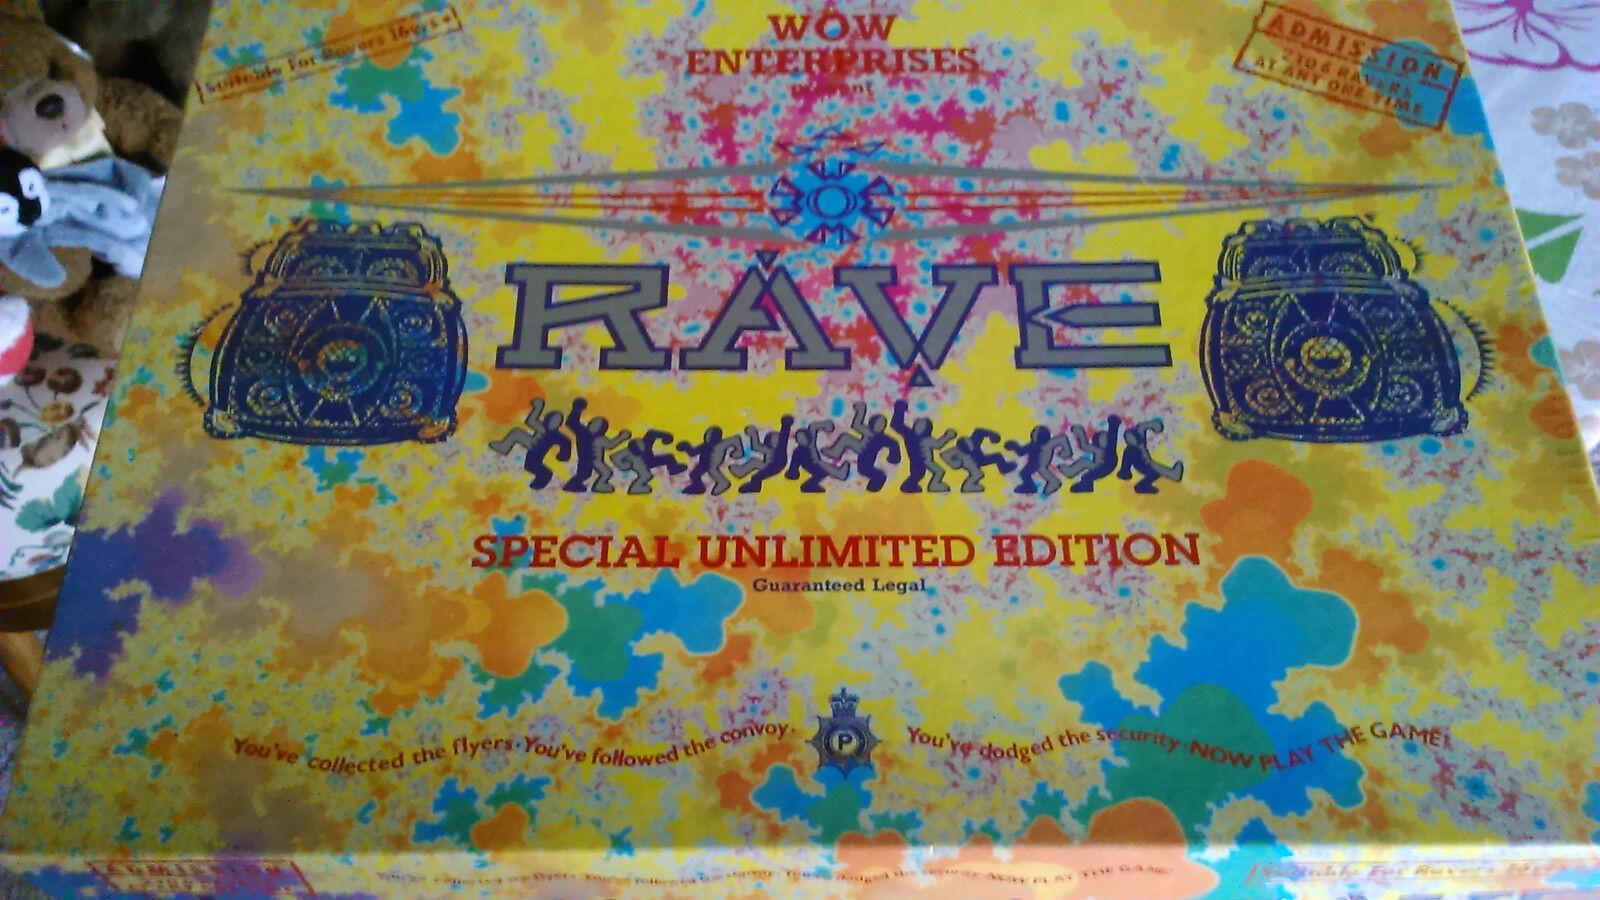 WOW Enterprises Rave specialeeee Edizione illimitata  con poster. gioco è completo.  fino al 70% di sconto